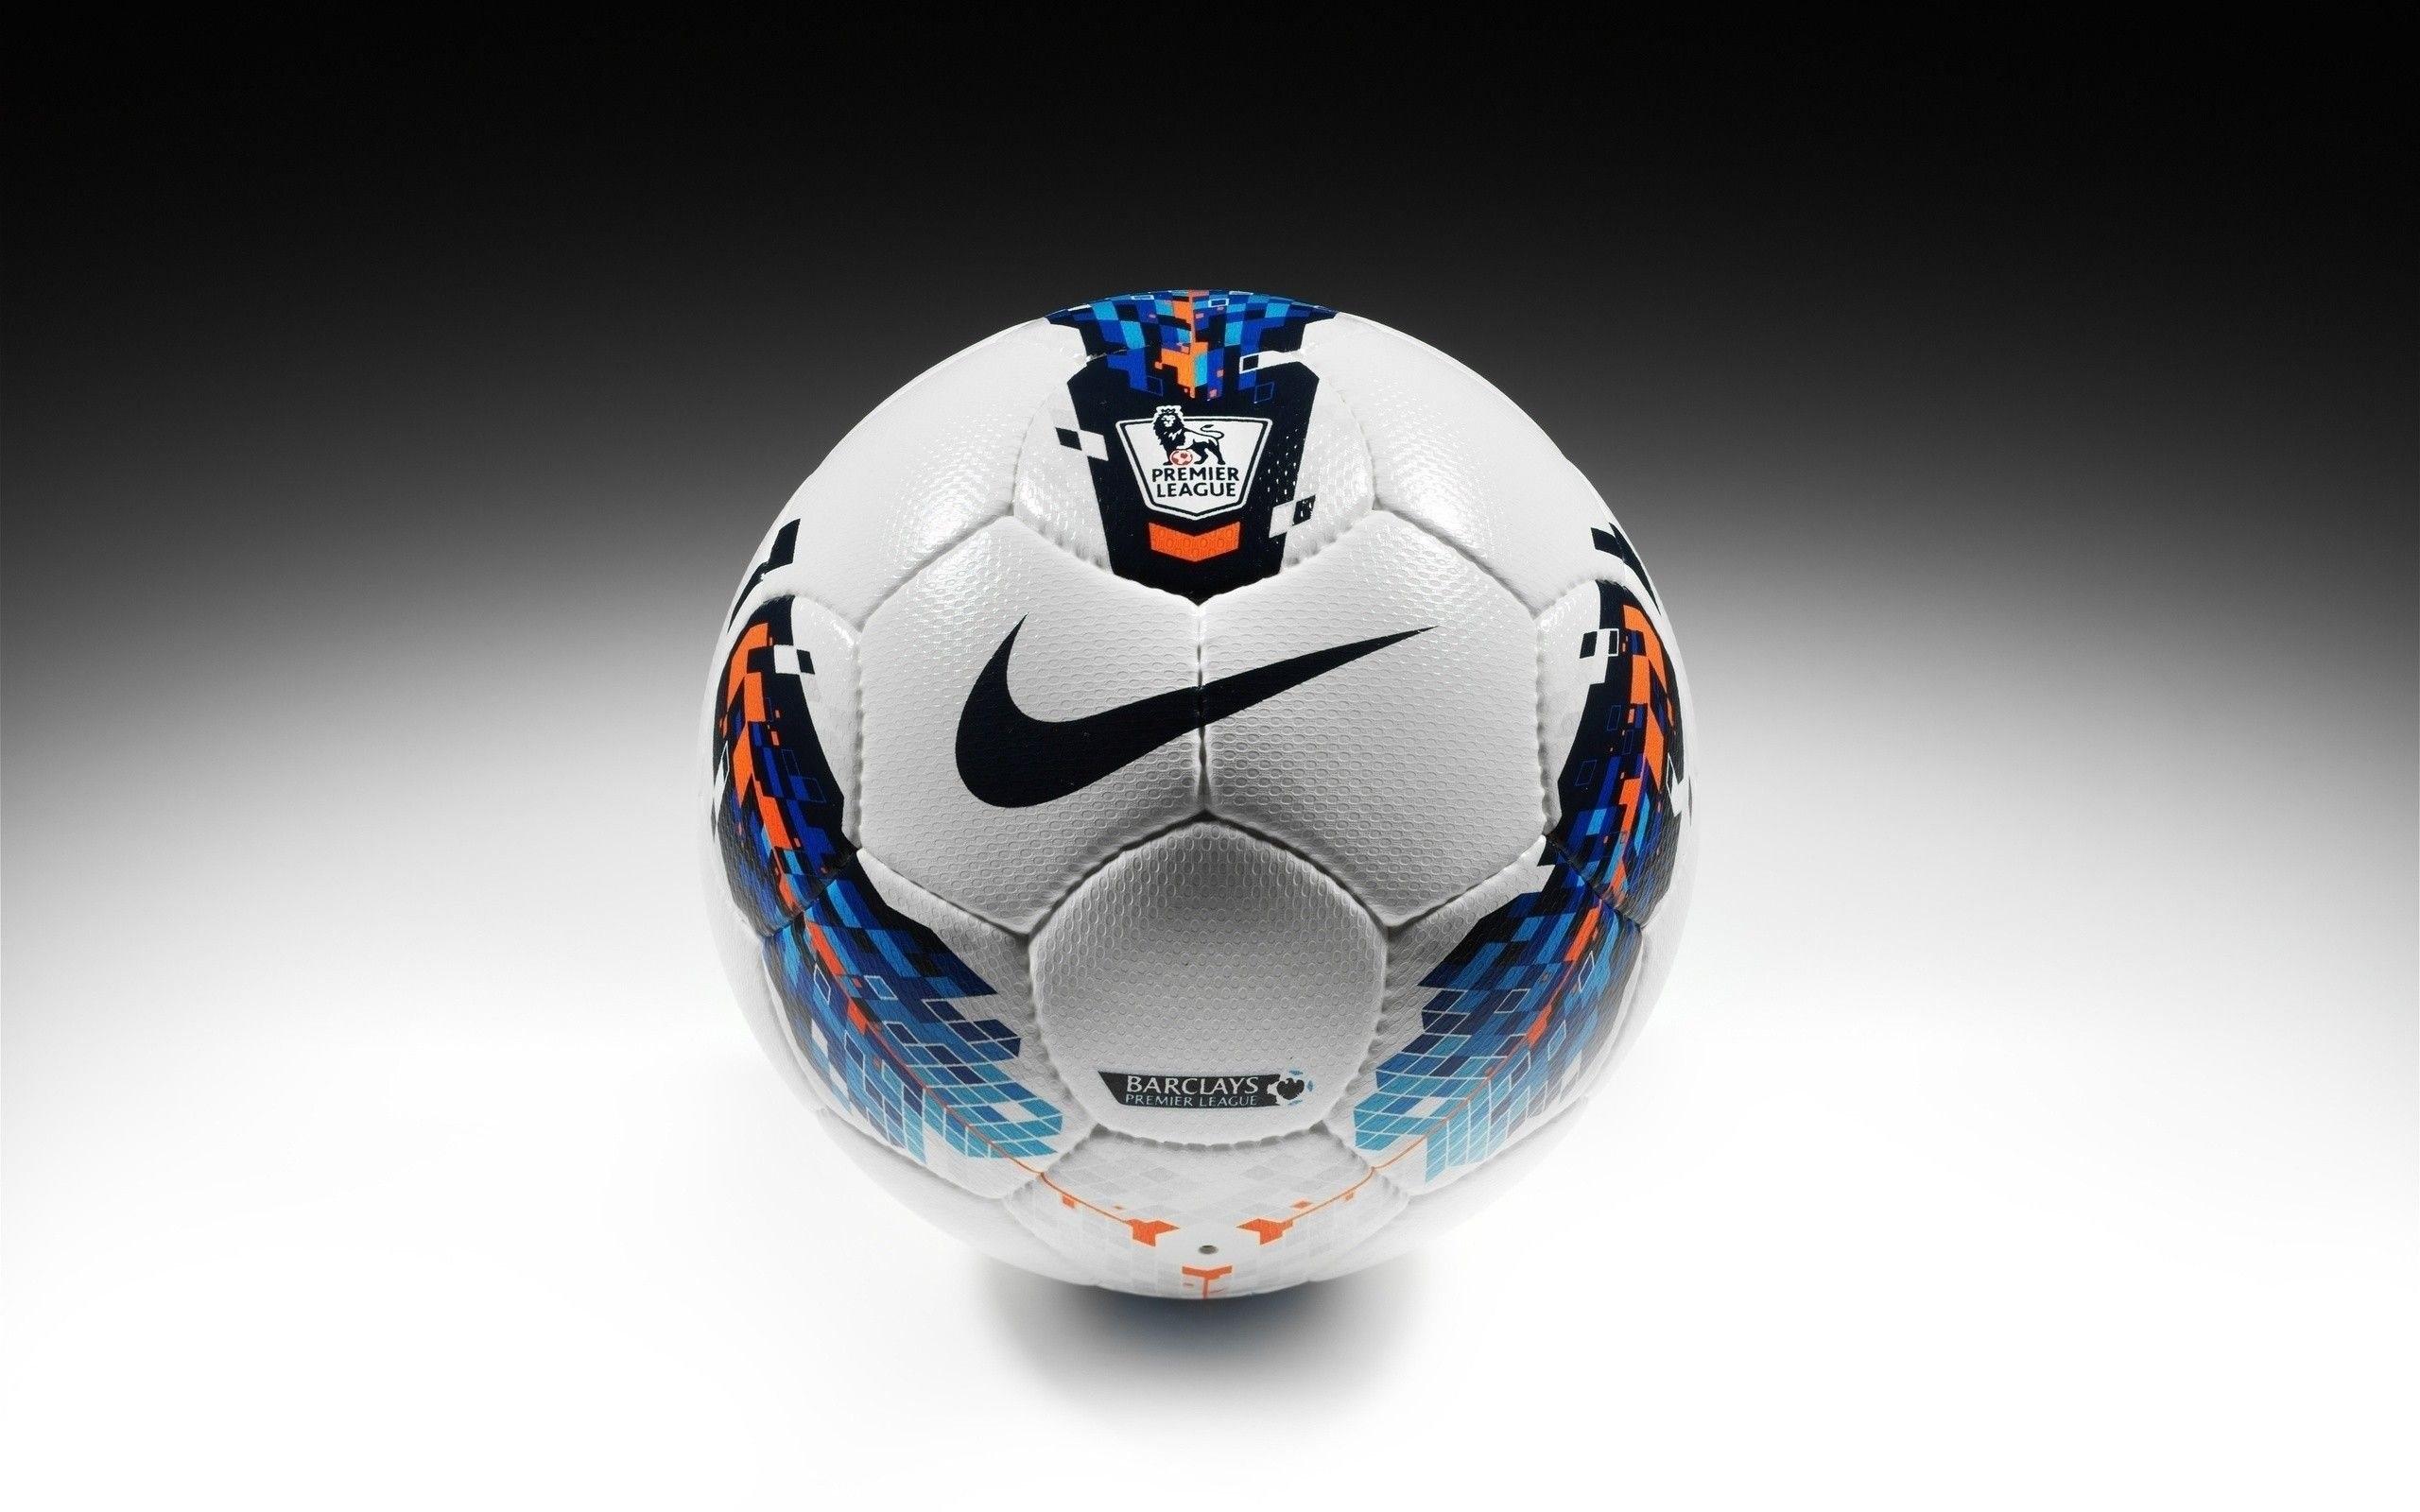 Balón De Fútbol 1920x1080 Hd: Premier League Nike Football Wallpaper